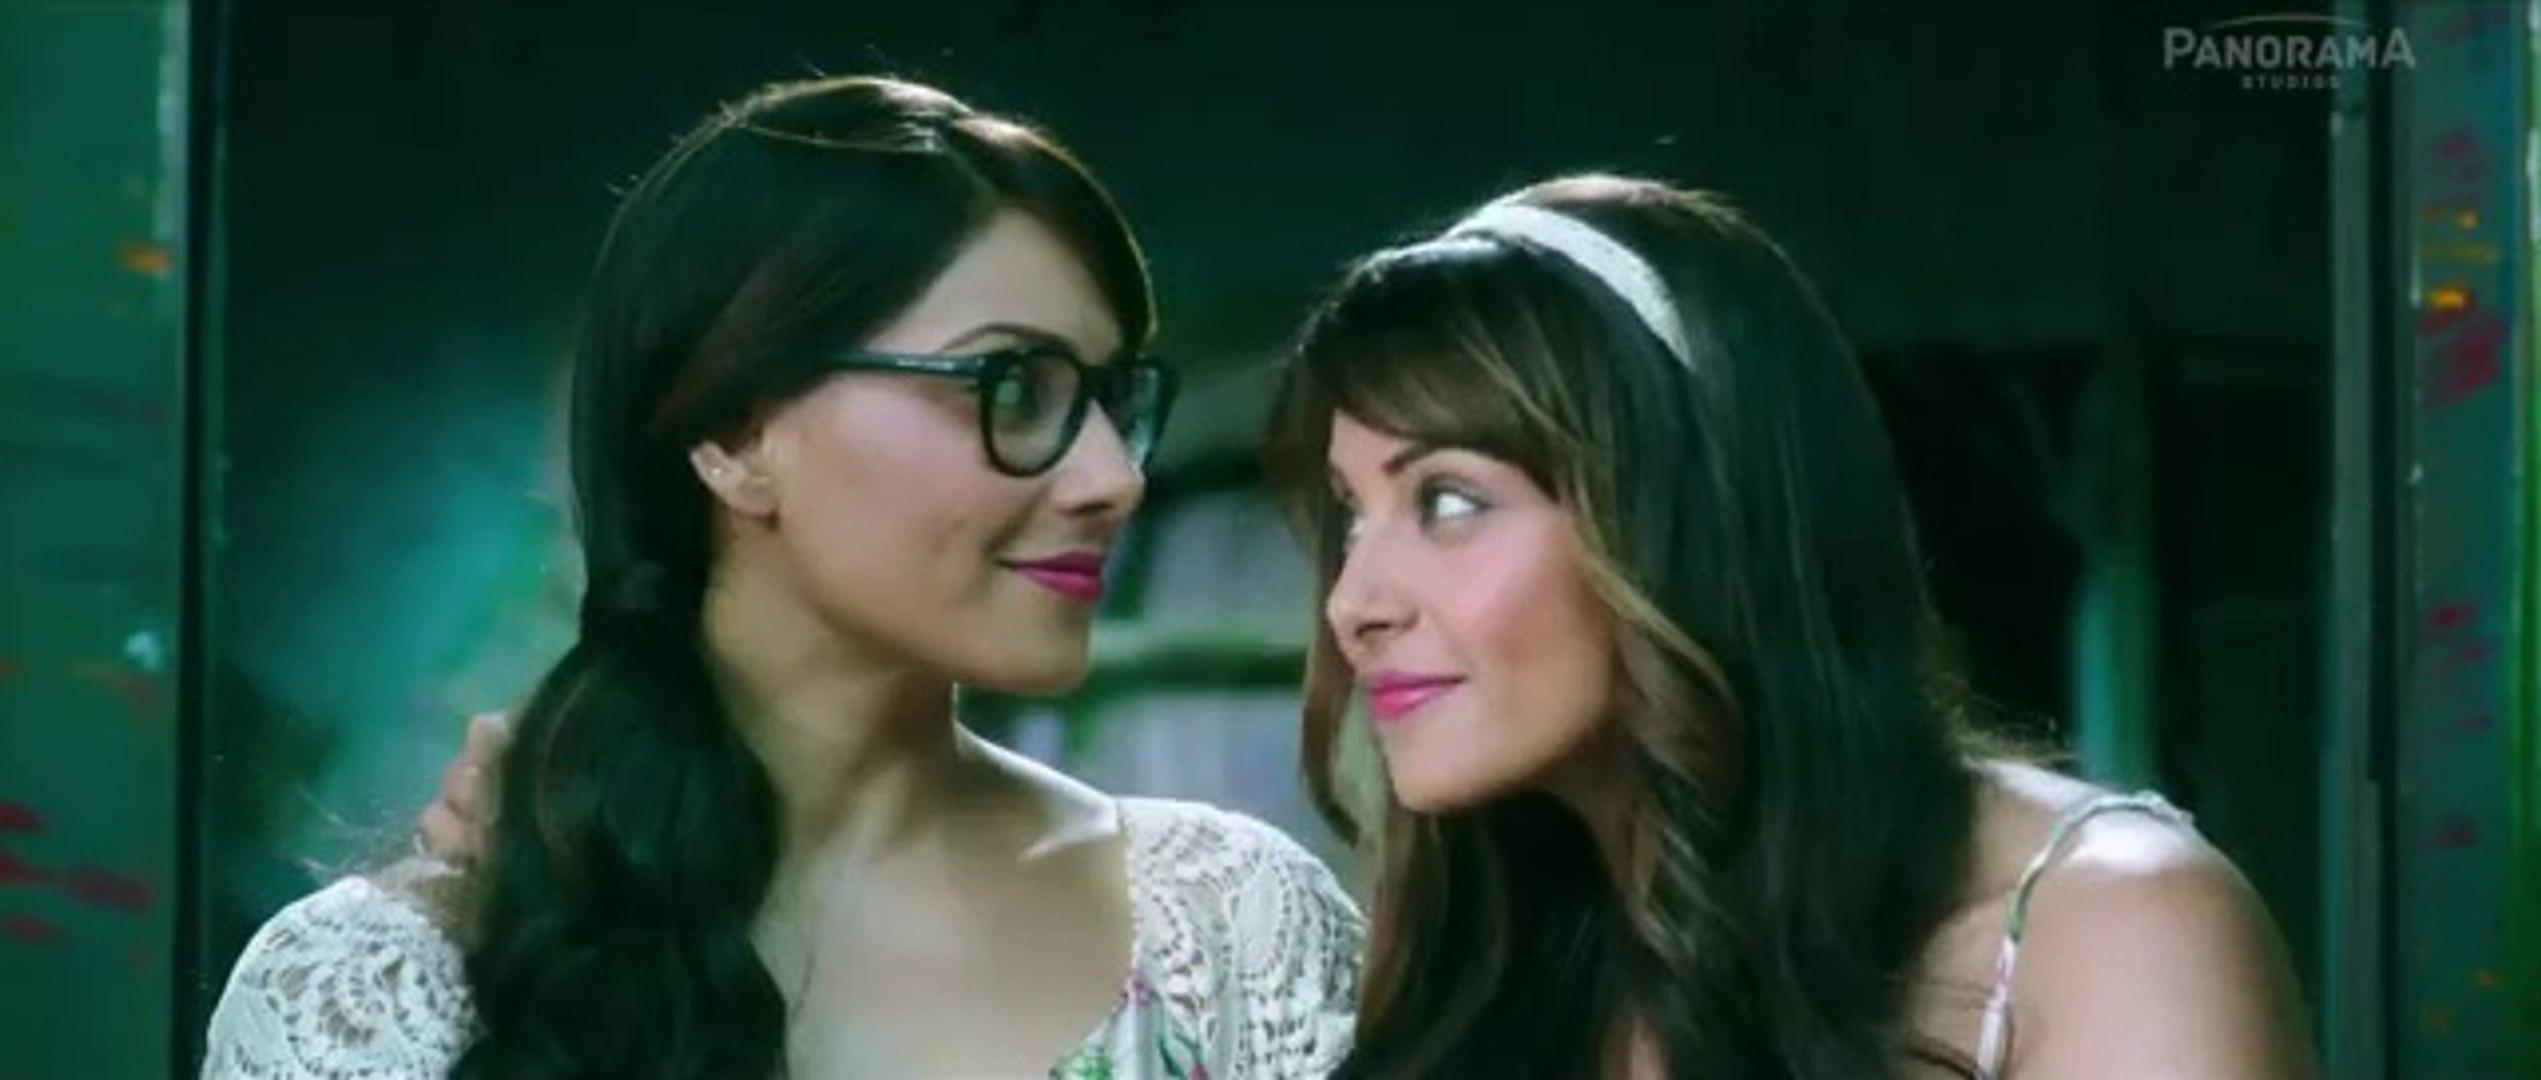 Alone Official Theatrical Official Trailer Bipasha Basu Karan Singh Grover